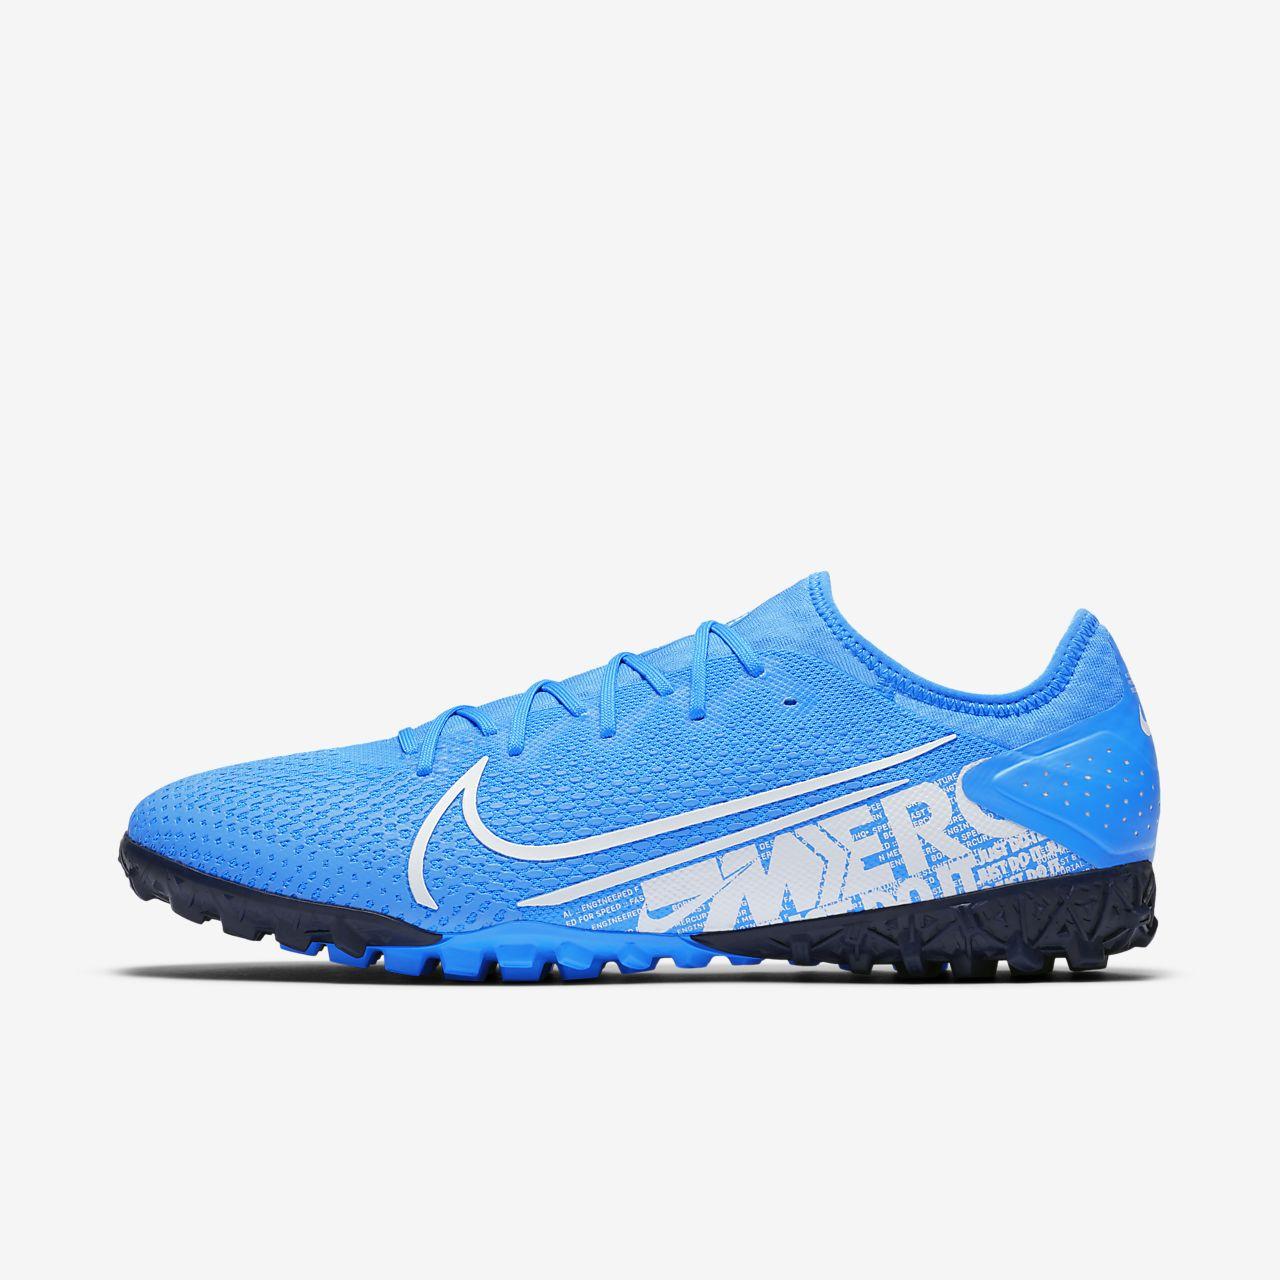 Nike Mercurial Vapor 13 Pro TF Artificial-Turf Soccer Shoe